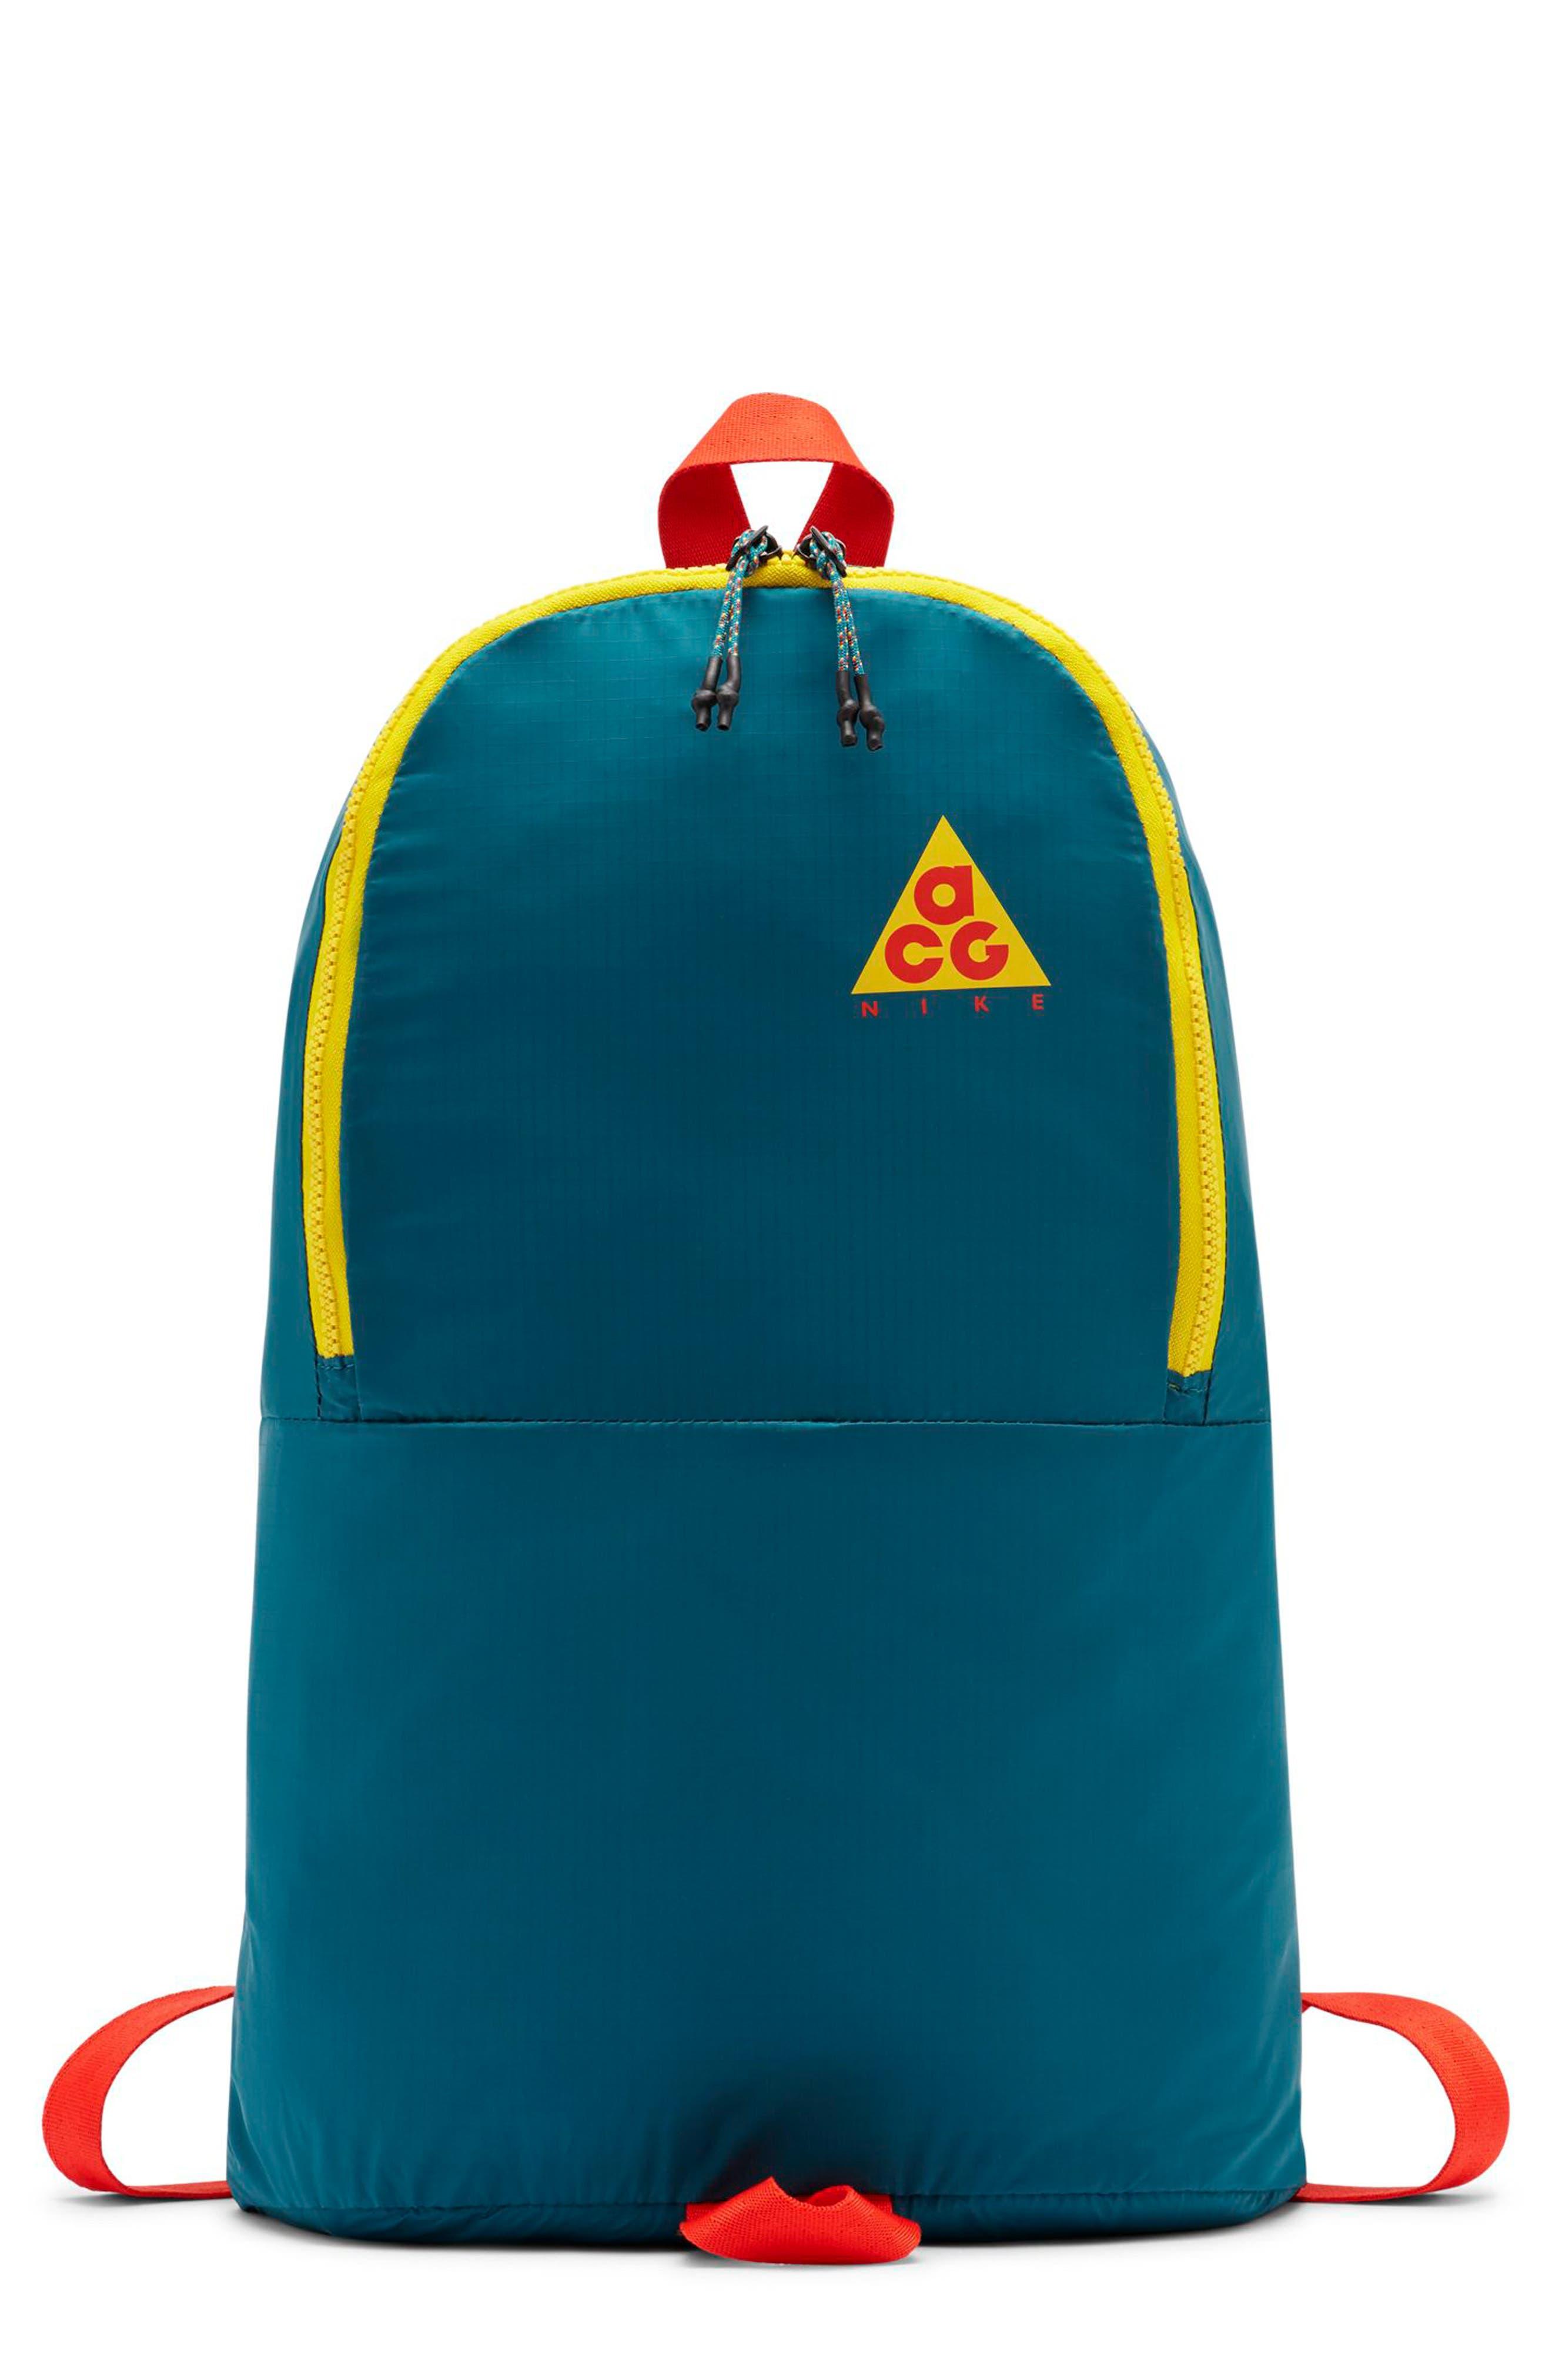 NIKE ACG Packable Backpack, Main, color, GEODE TEAL/ GEODE TEAL